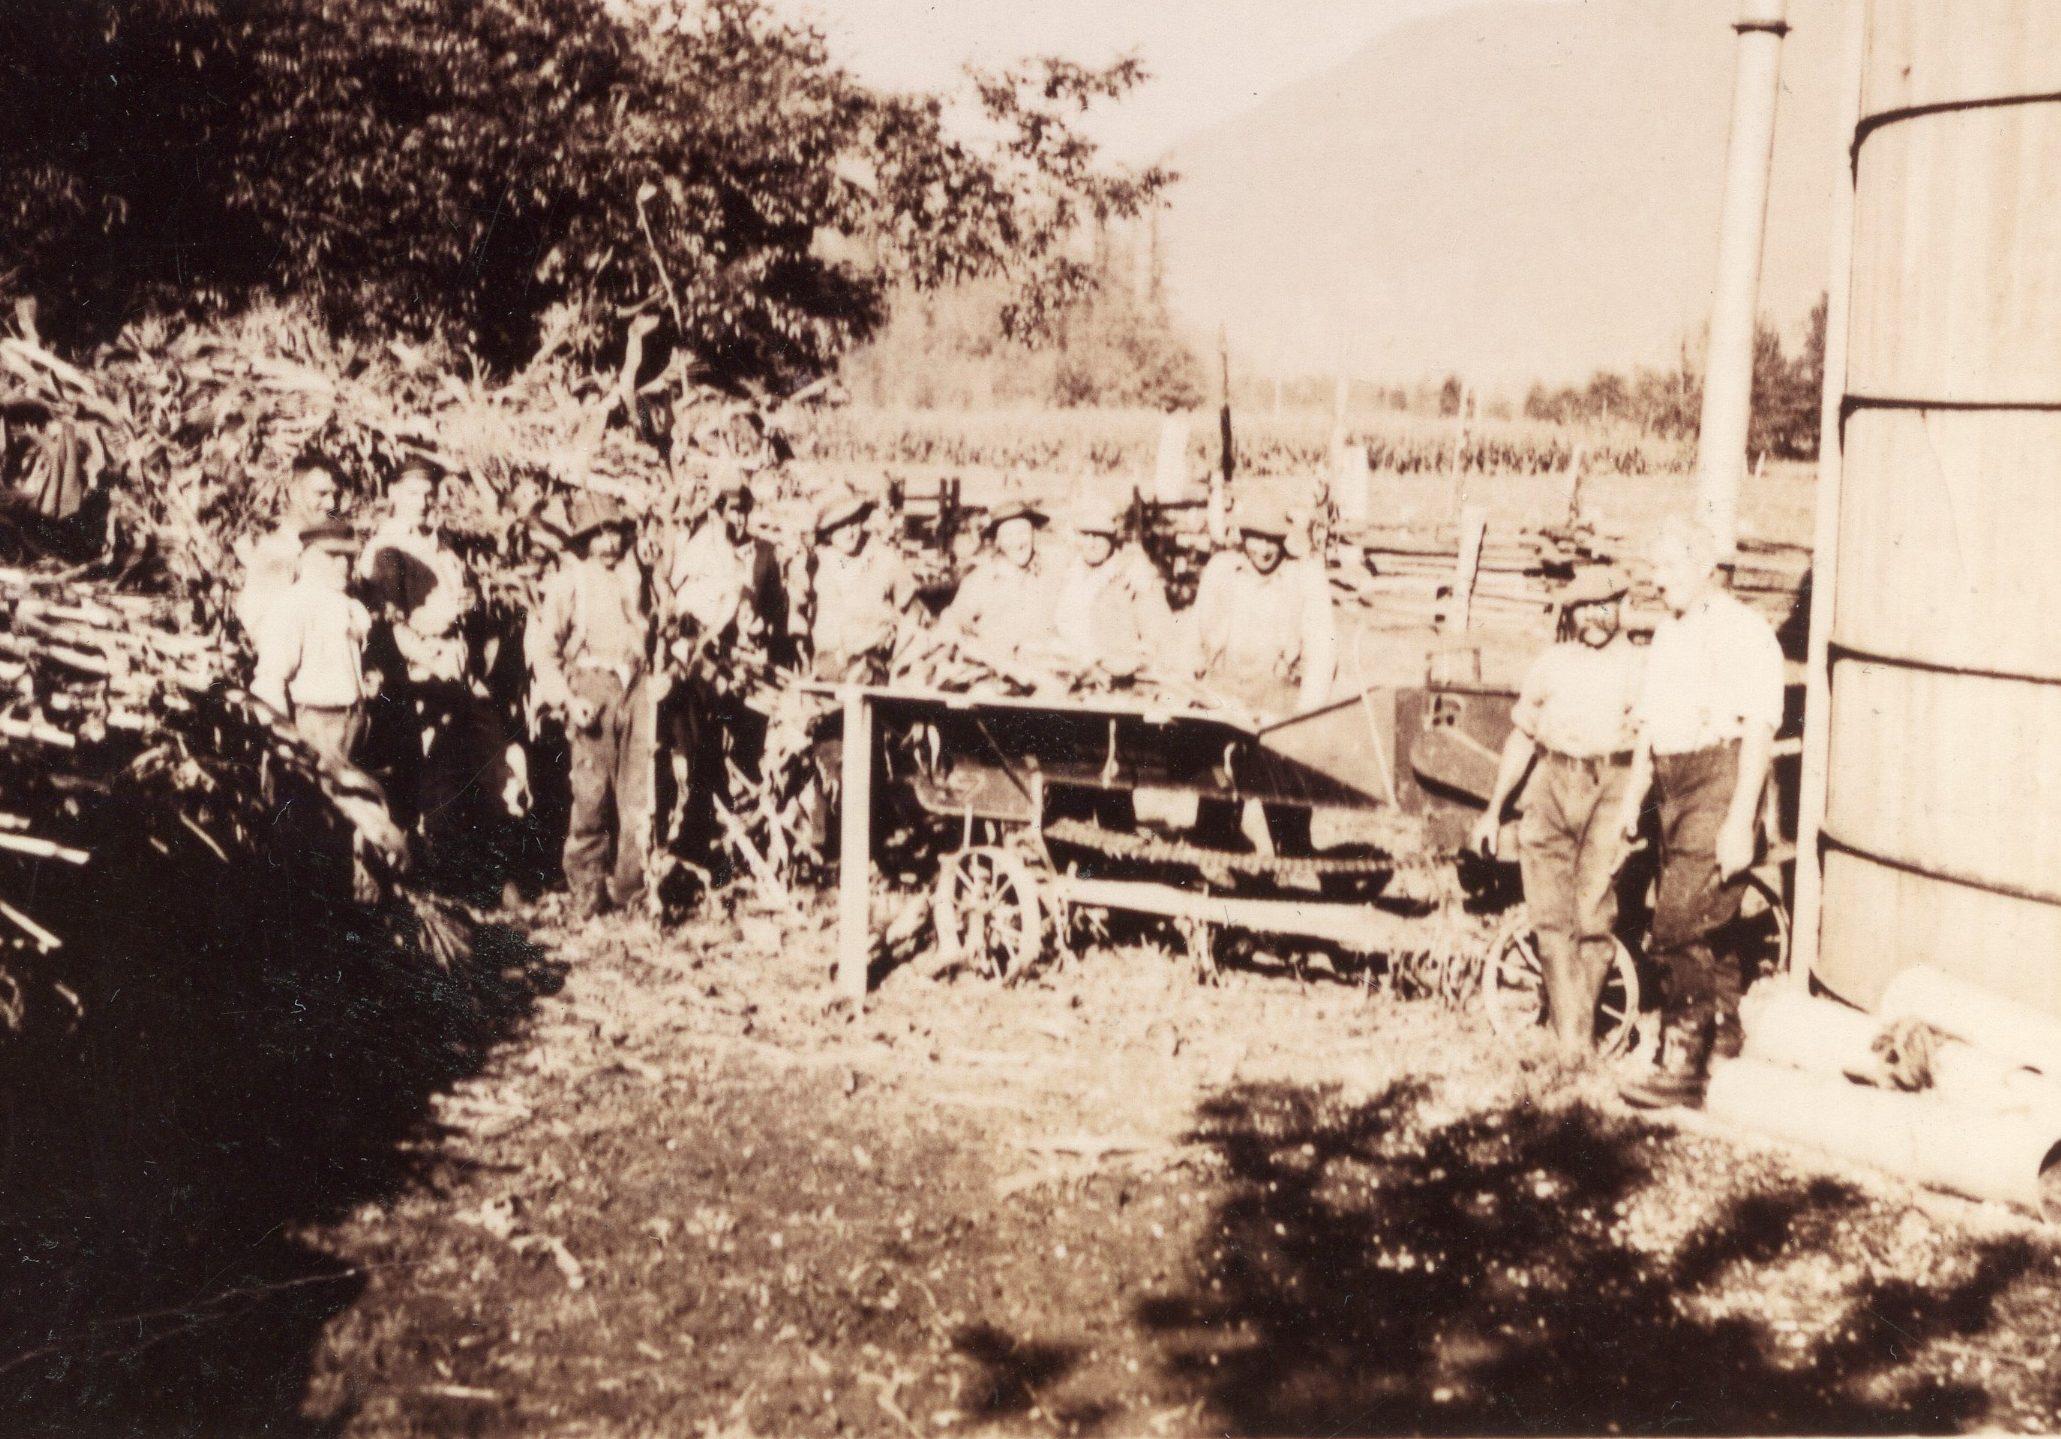 Photo en noir et blanc d'hommes sont en train de faire de l'ensilage de maïs. Ils sont debout à côté d'un silo et d'une pile de tiges de maïs. Plusieurs hommes se tiennent derrière une machine qu'ils alimentent avec les tiges de maïs.